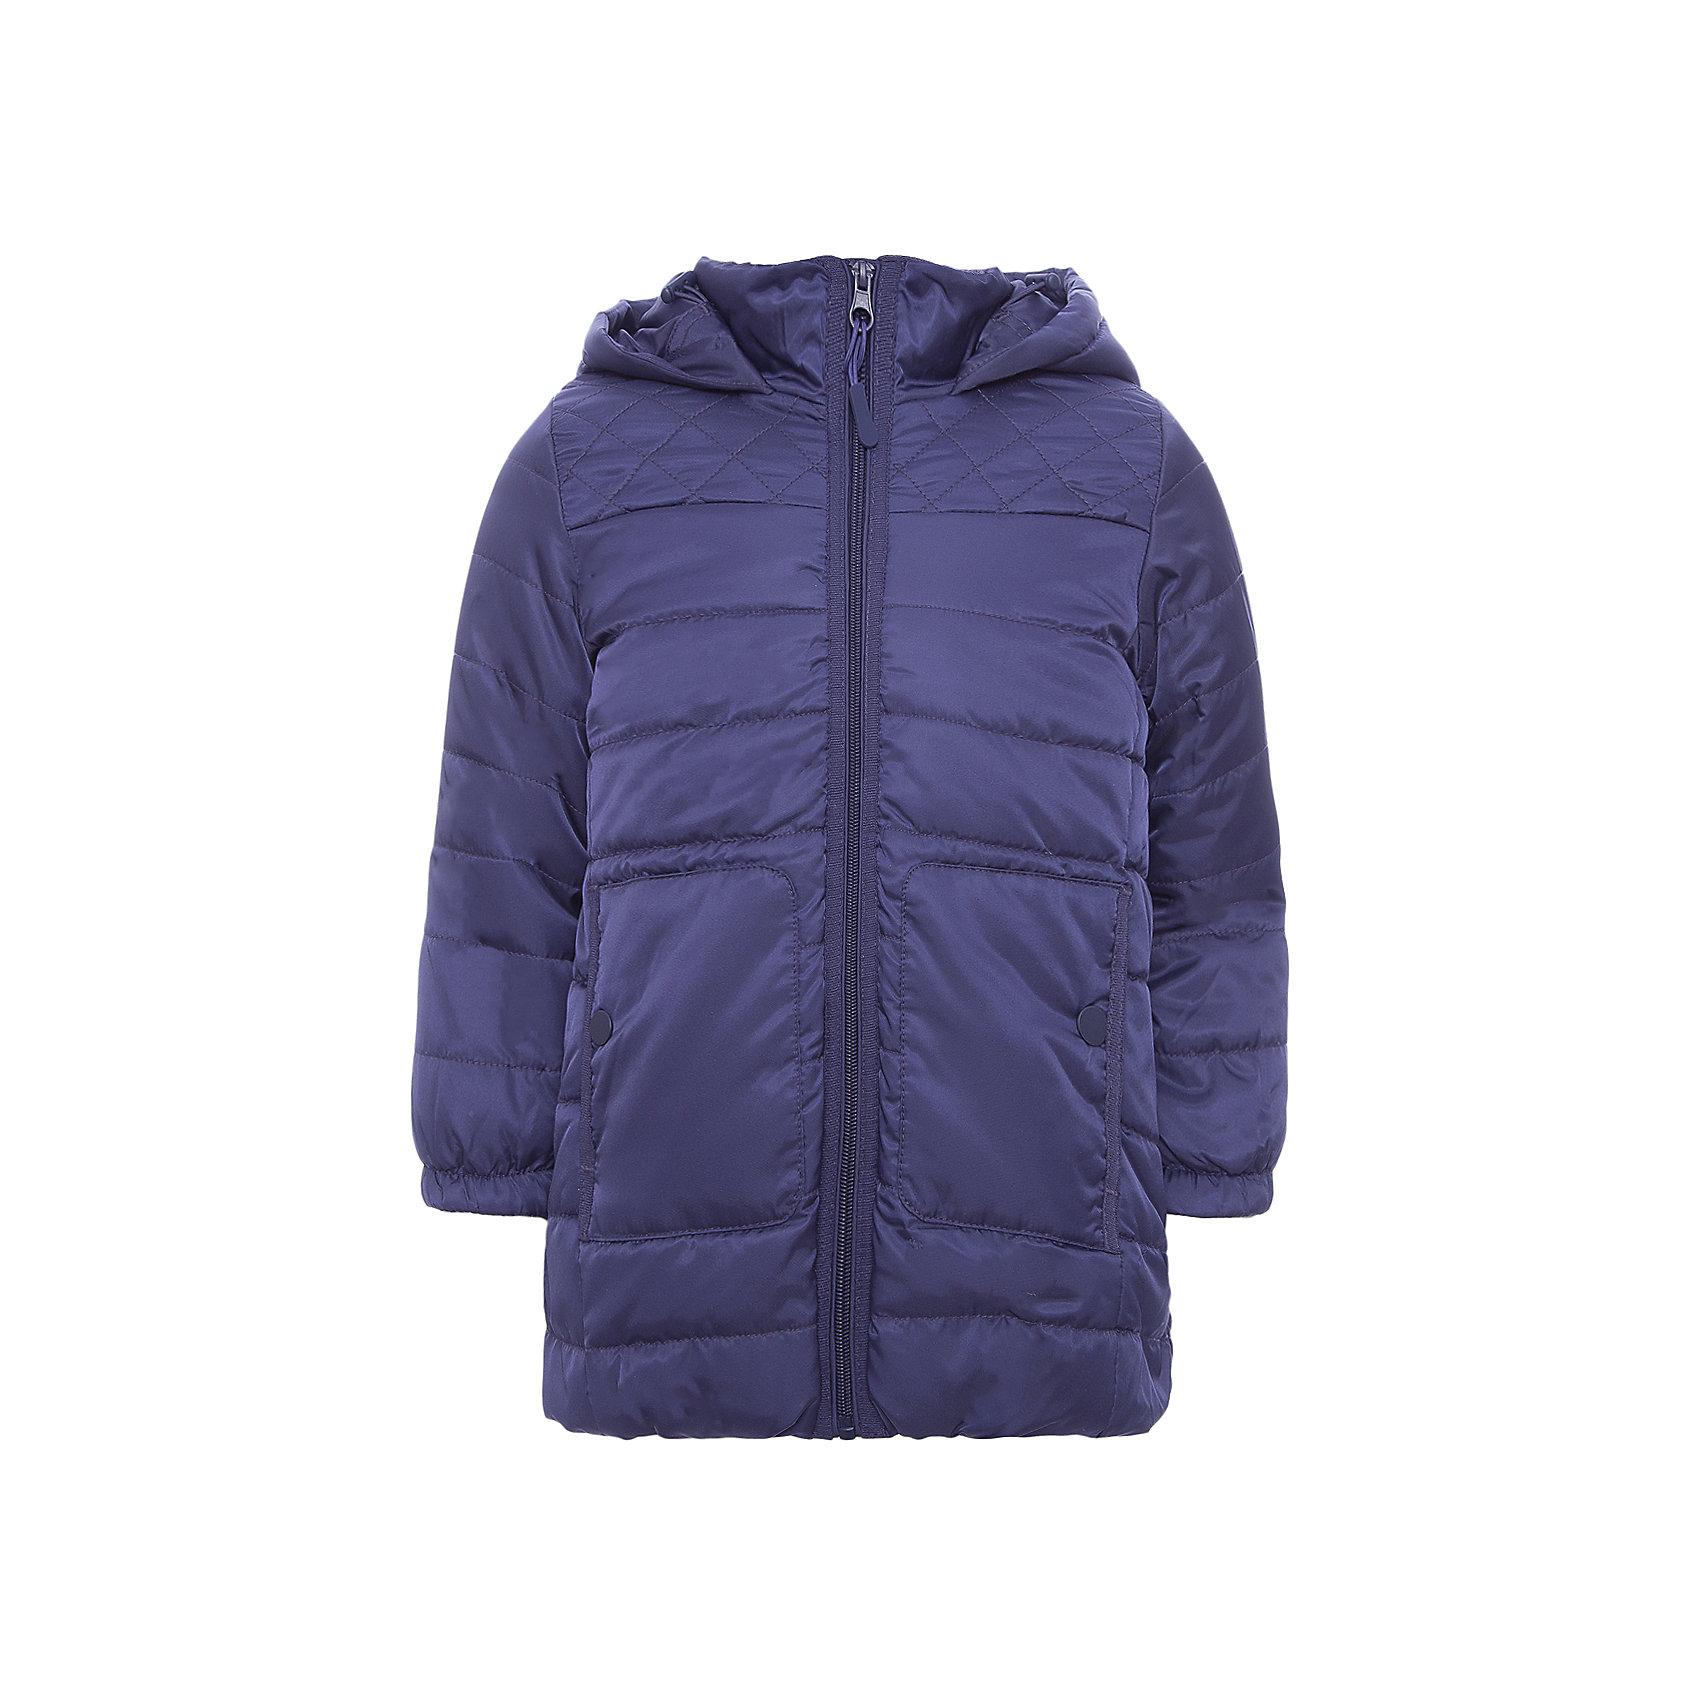 Пальто PlayToday для девочкиВерхняя одежда<br>Пальто PlayToday для девочки<br>Утепленное стеганое пальто. Модель дополнена вшивным капюшоном на регулируемом шнуре - кулиске. Изнутри капюшона предусмотрены удобные карманы для стопперов. Манжеты и низ изделия на мягкой трикотажной резинке. Светоотражатели обеспечат видимость ребенка в темное время суток.<br>Состав:<br>Верх: 100% полиэстер, Подкладка: 100% полиэстер, Наполнитель: 100% полиэстер, 250 г/м2<br><br>Ширина мм: 356<br>Глубина мм: 10<br>Высота мм: 245<br>Вес г: 519<br>Цвет: синий<br>Возраст от месяцев: 84<br>Возраст до месяцев: 96<br>Пол: Женский<br>Возраст: Детский<br>Размер: 128,98,104,110,116,122<br>SKU: 7115309